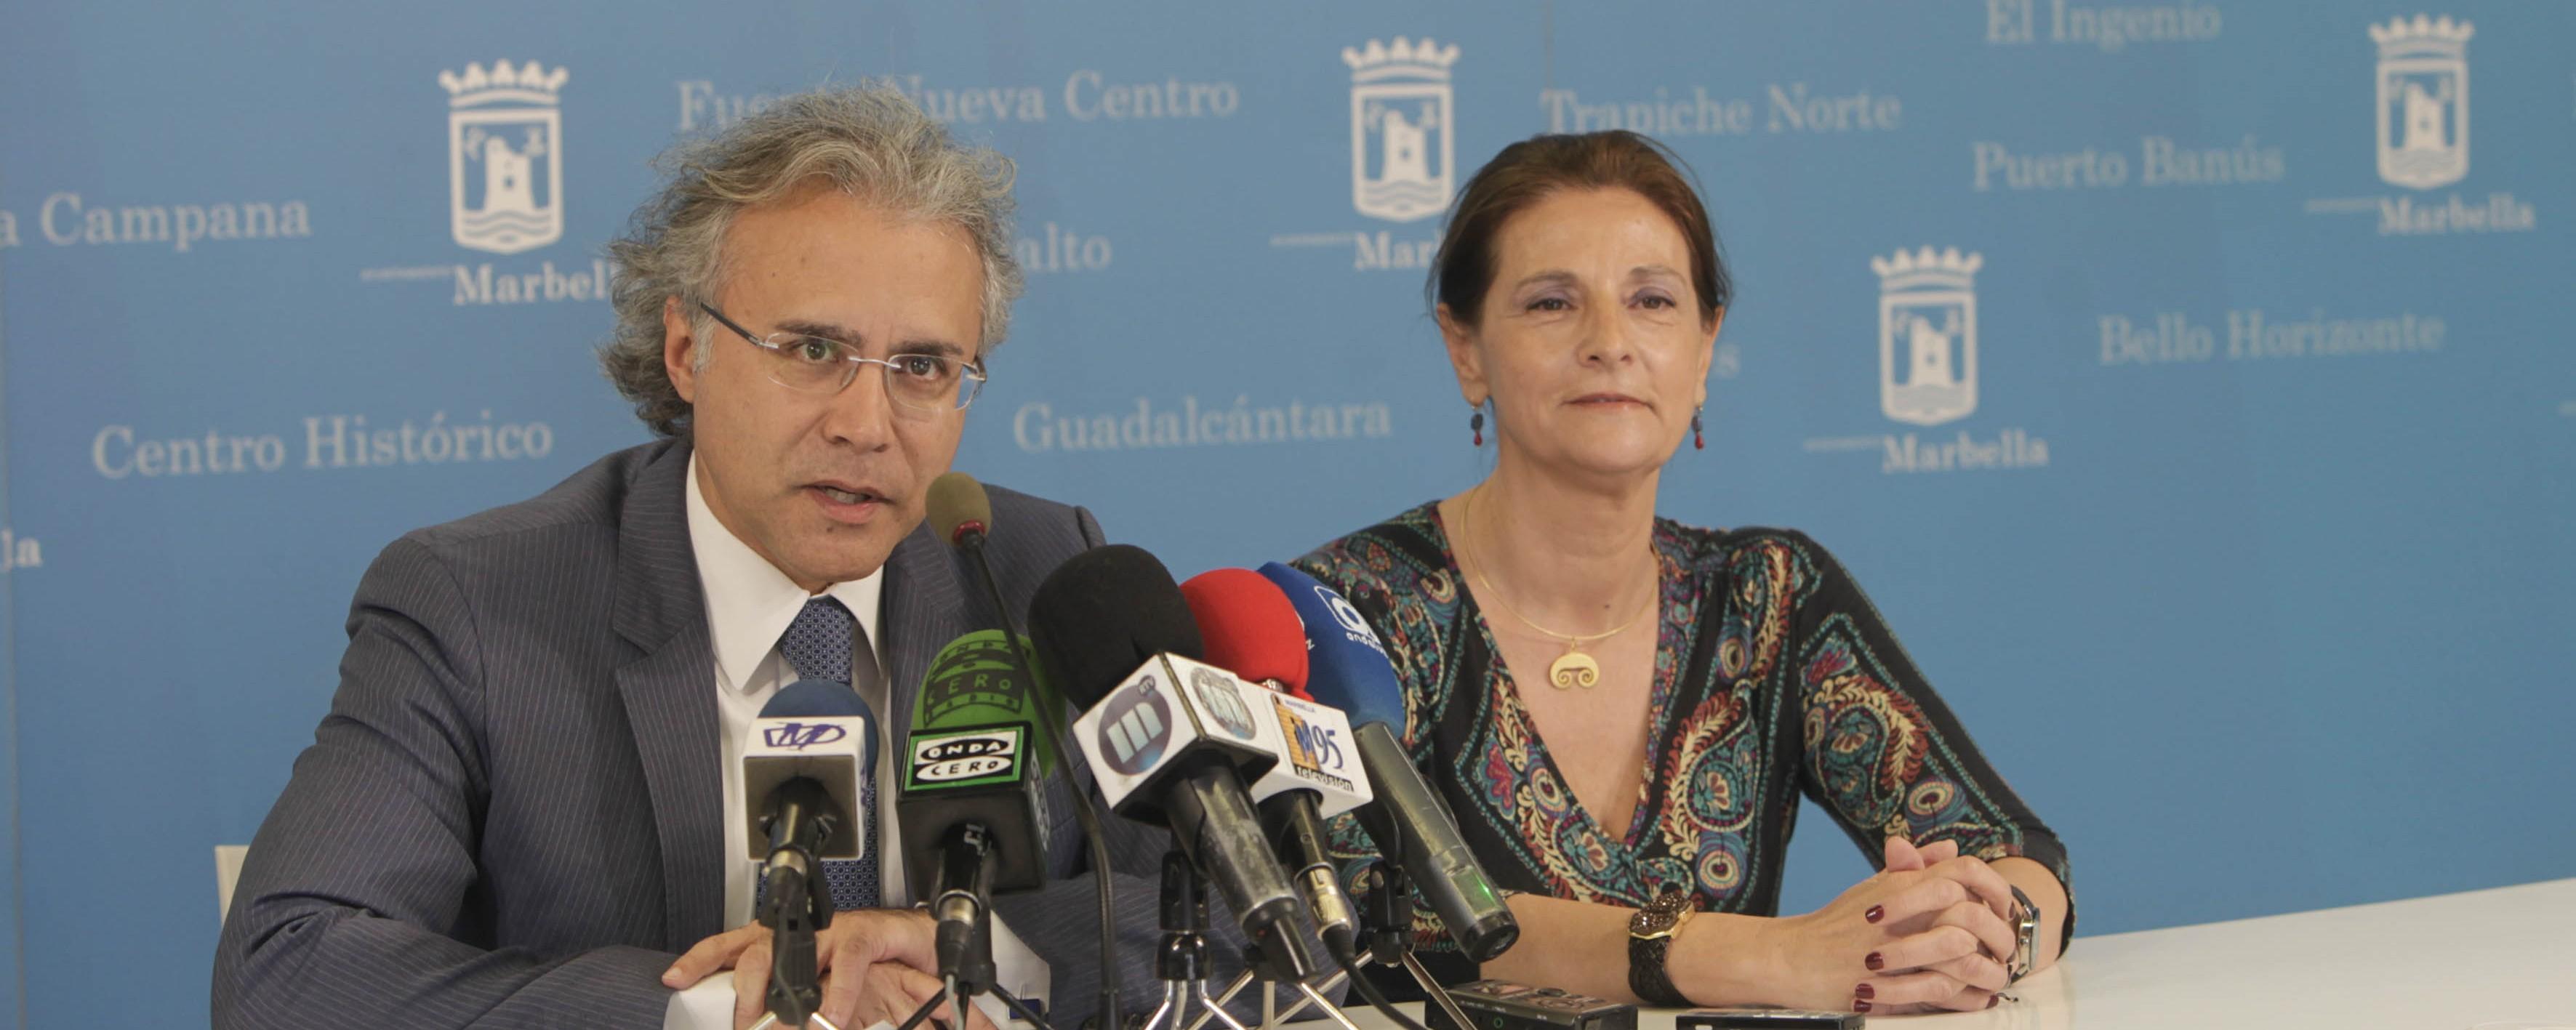 El ayuntamiento y el consulado honorario de rusia abren for Oficina turismo marbella